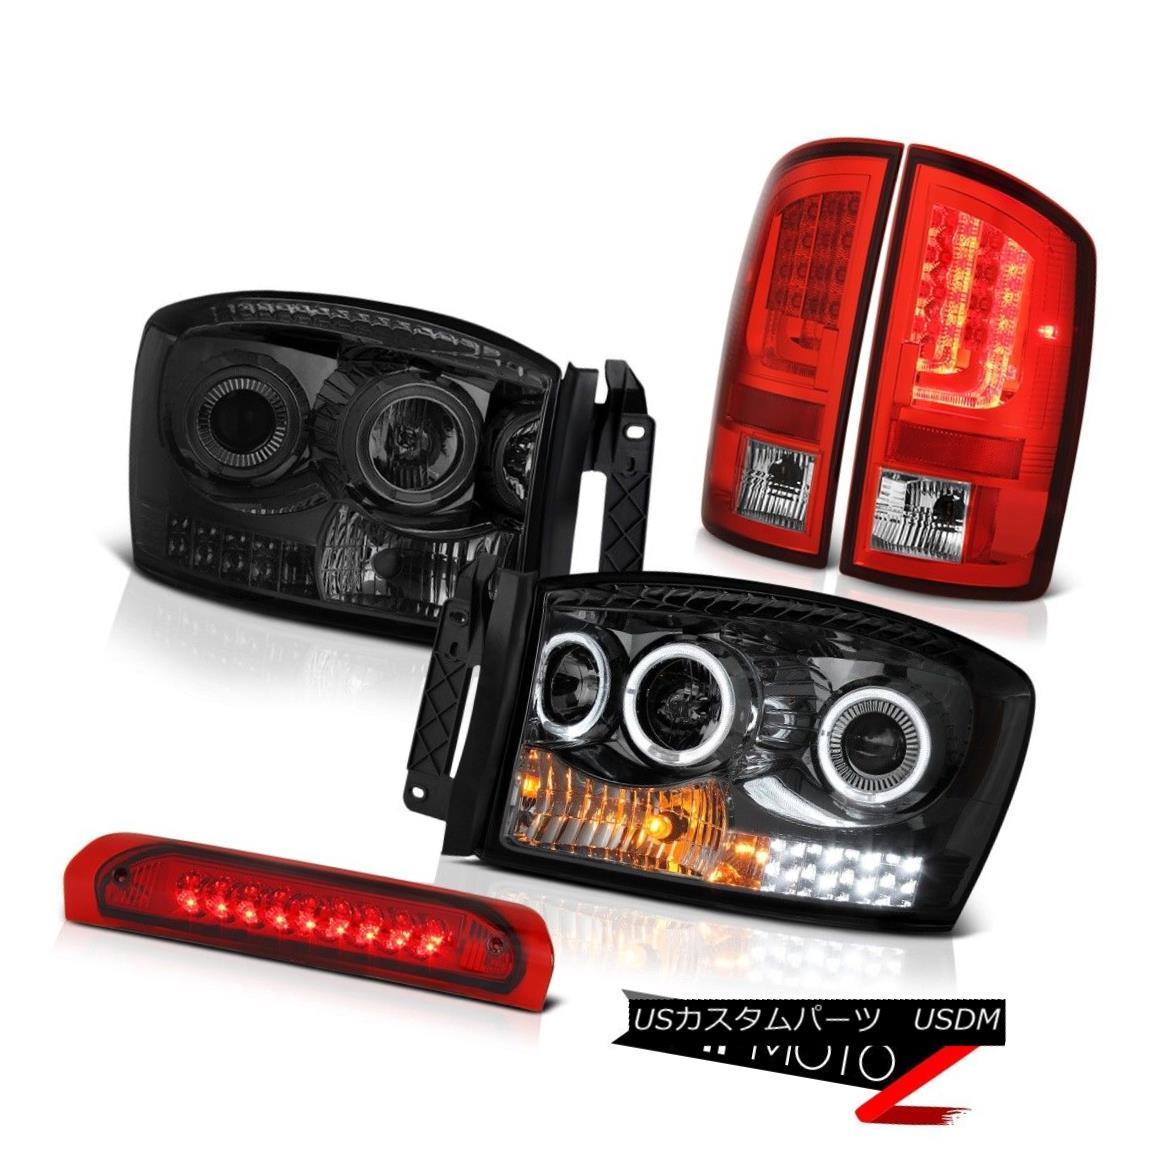 テールライト 2006 Ram 5.7L Rear Brake Lamps Phantom Smoke Headlamps Third Light Neon Tube LED 2006 Ram 5.7Lリアブレーキランプファントムスモークヘッドランプ第3ライトネオンチューブLED